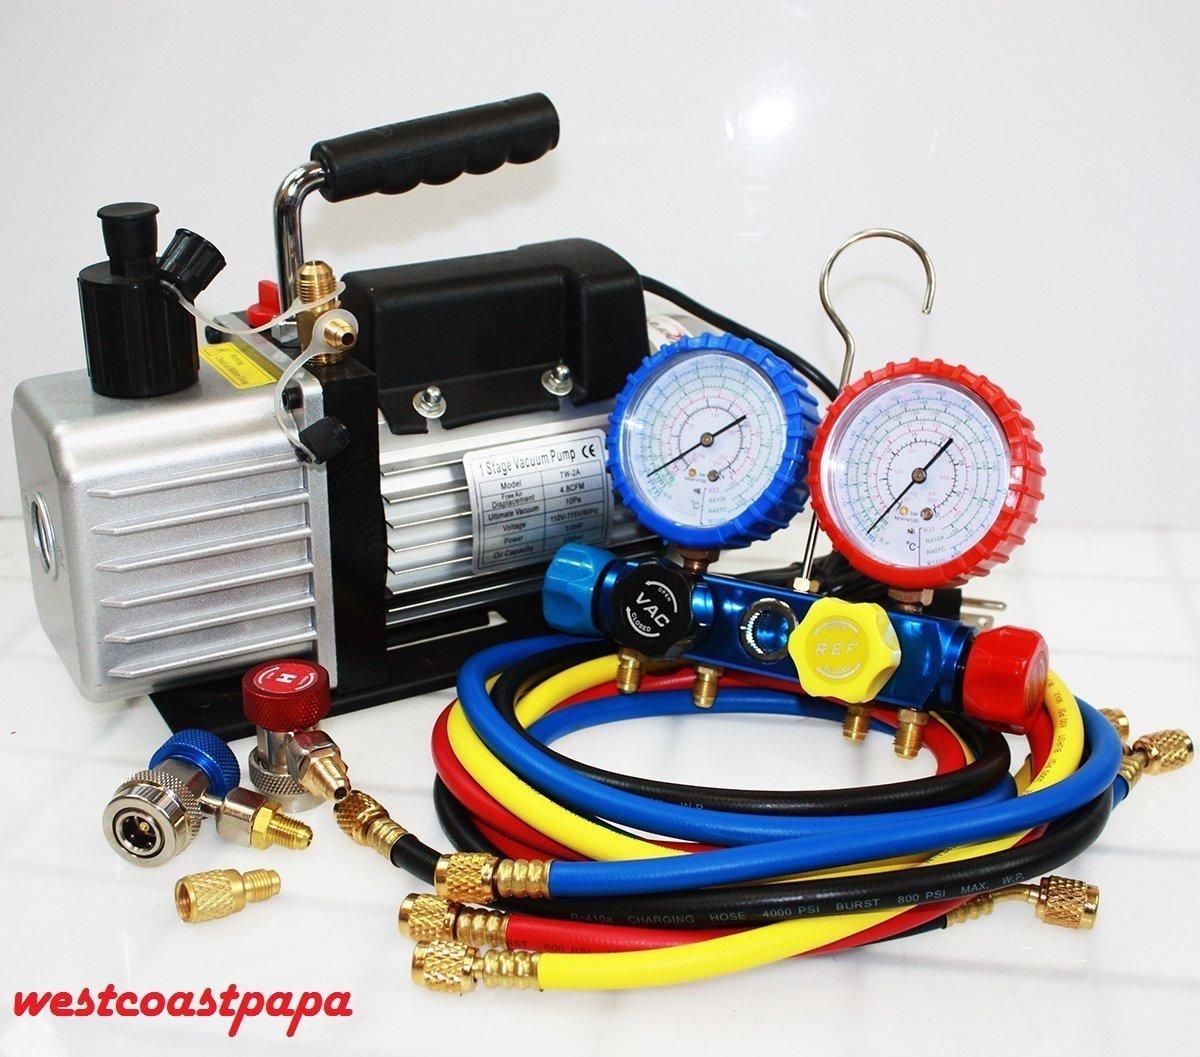 Amazon.com: R410A R134A R22 4.8 CFM Vacuum Pump HVAC A/C Refrigerant W/4VALVE MANIFOLD GAUGE: Home & Kitchen